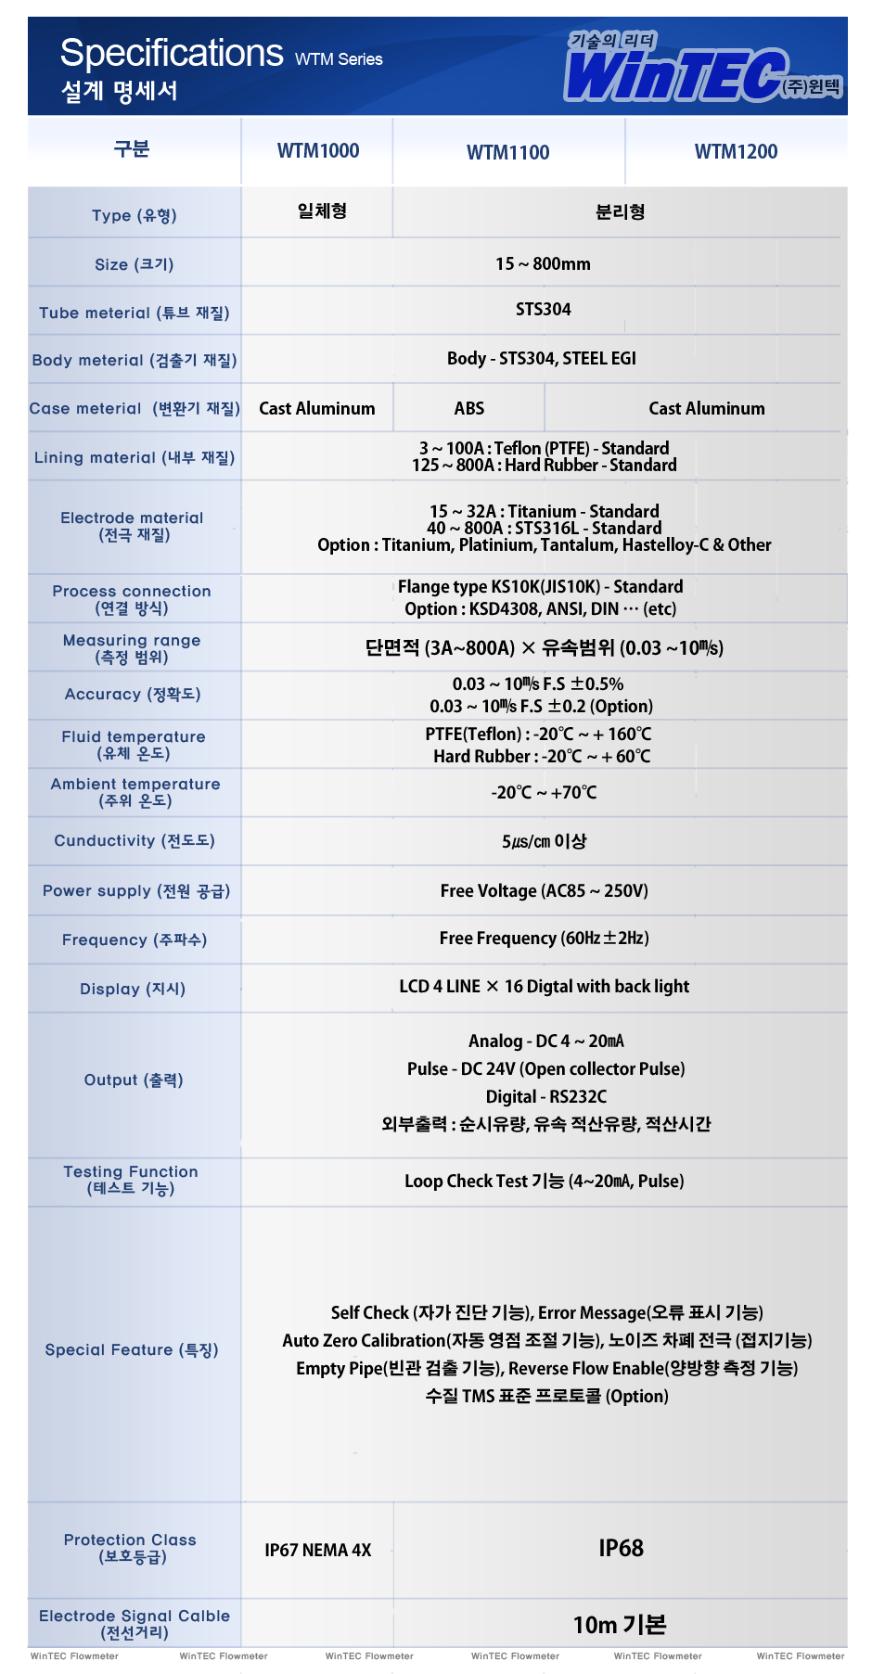 (주)윈텍 전자유량계 WTM1000